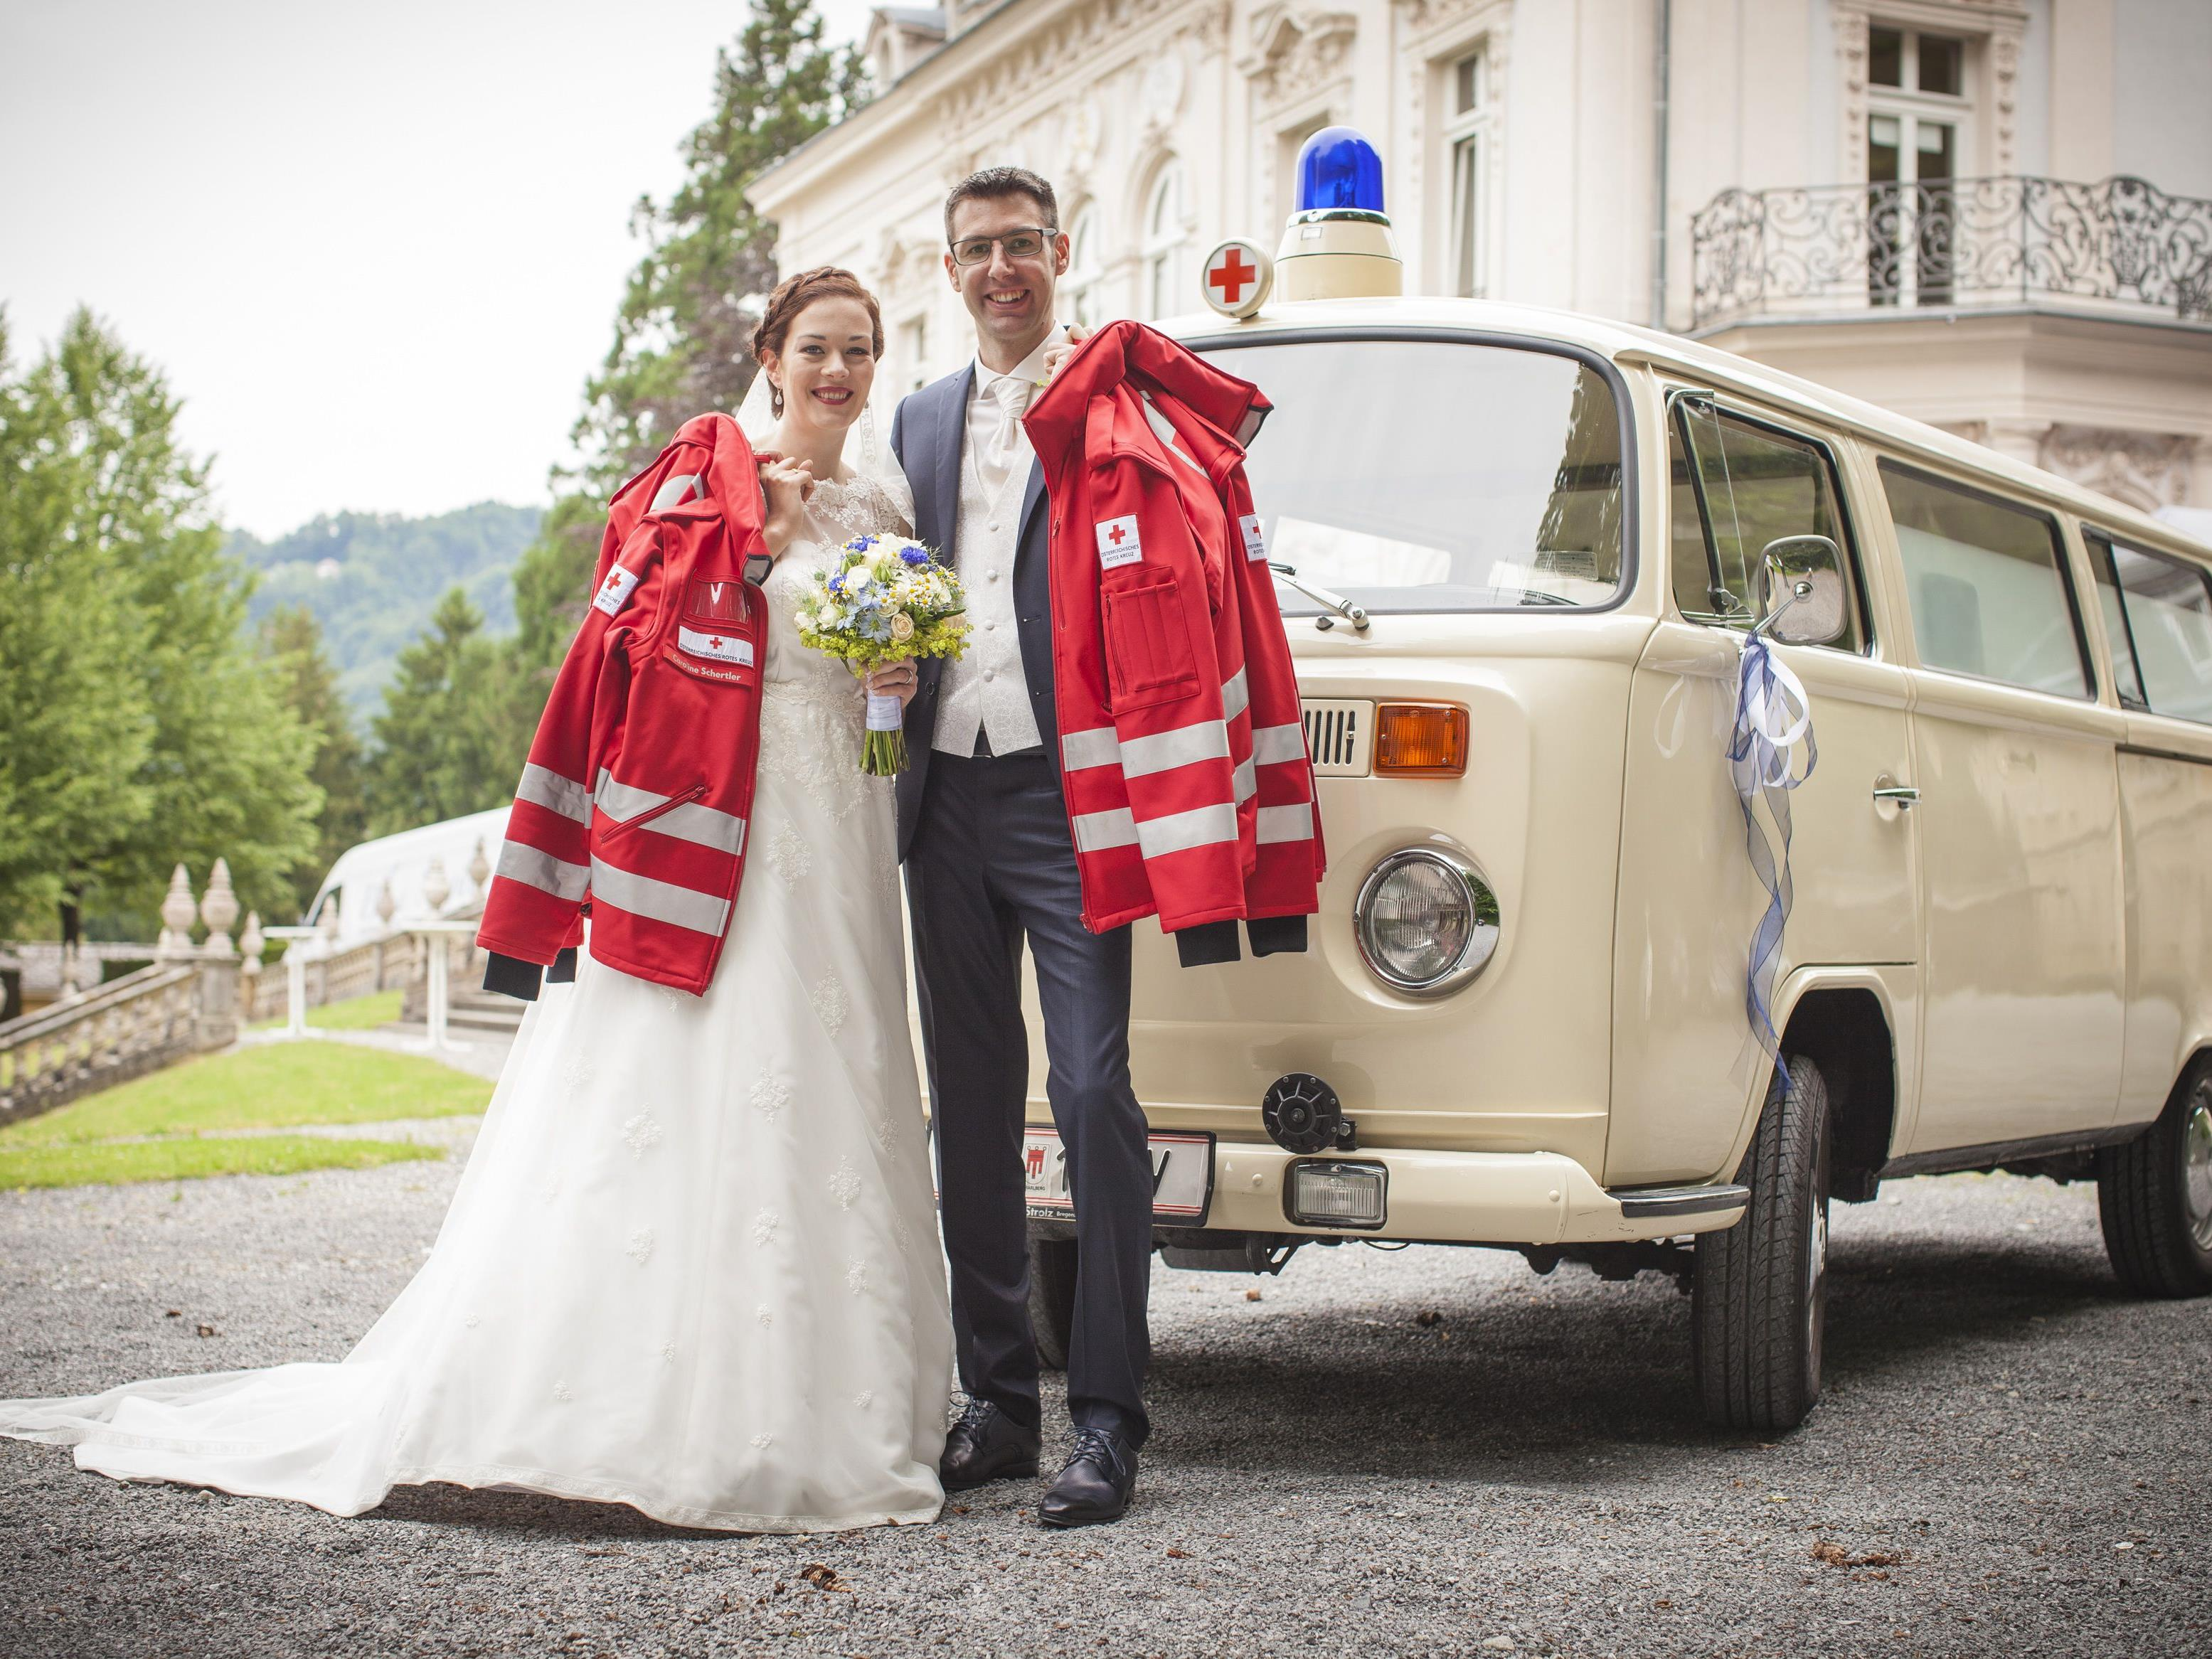 Caroline und Marc Schertler von der Rotkreuz-Abteilung Lustenau gaben sich das Ja-Wort.